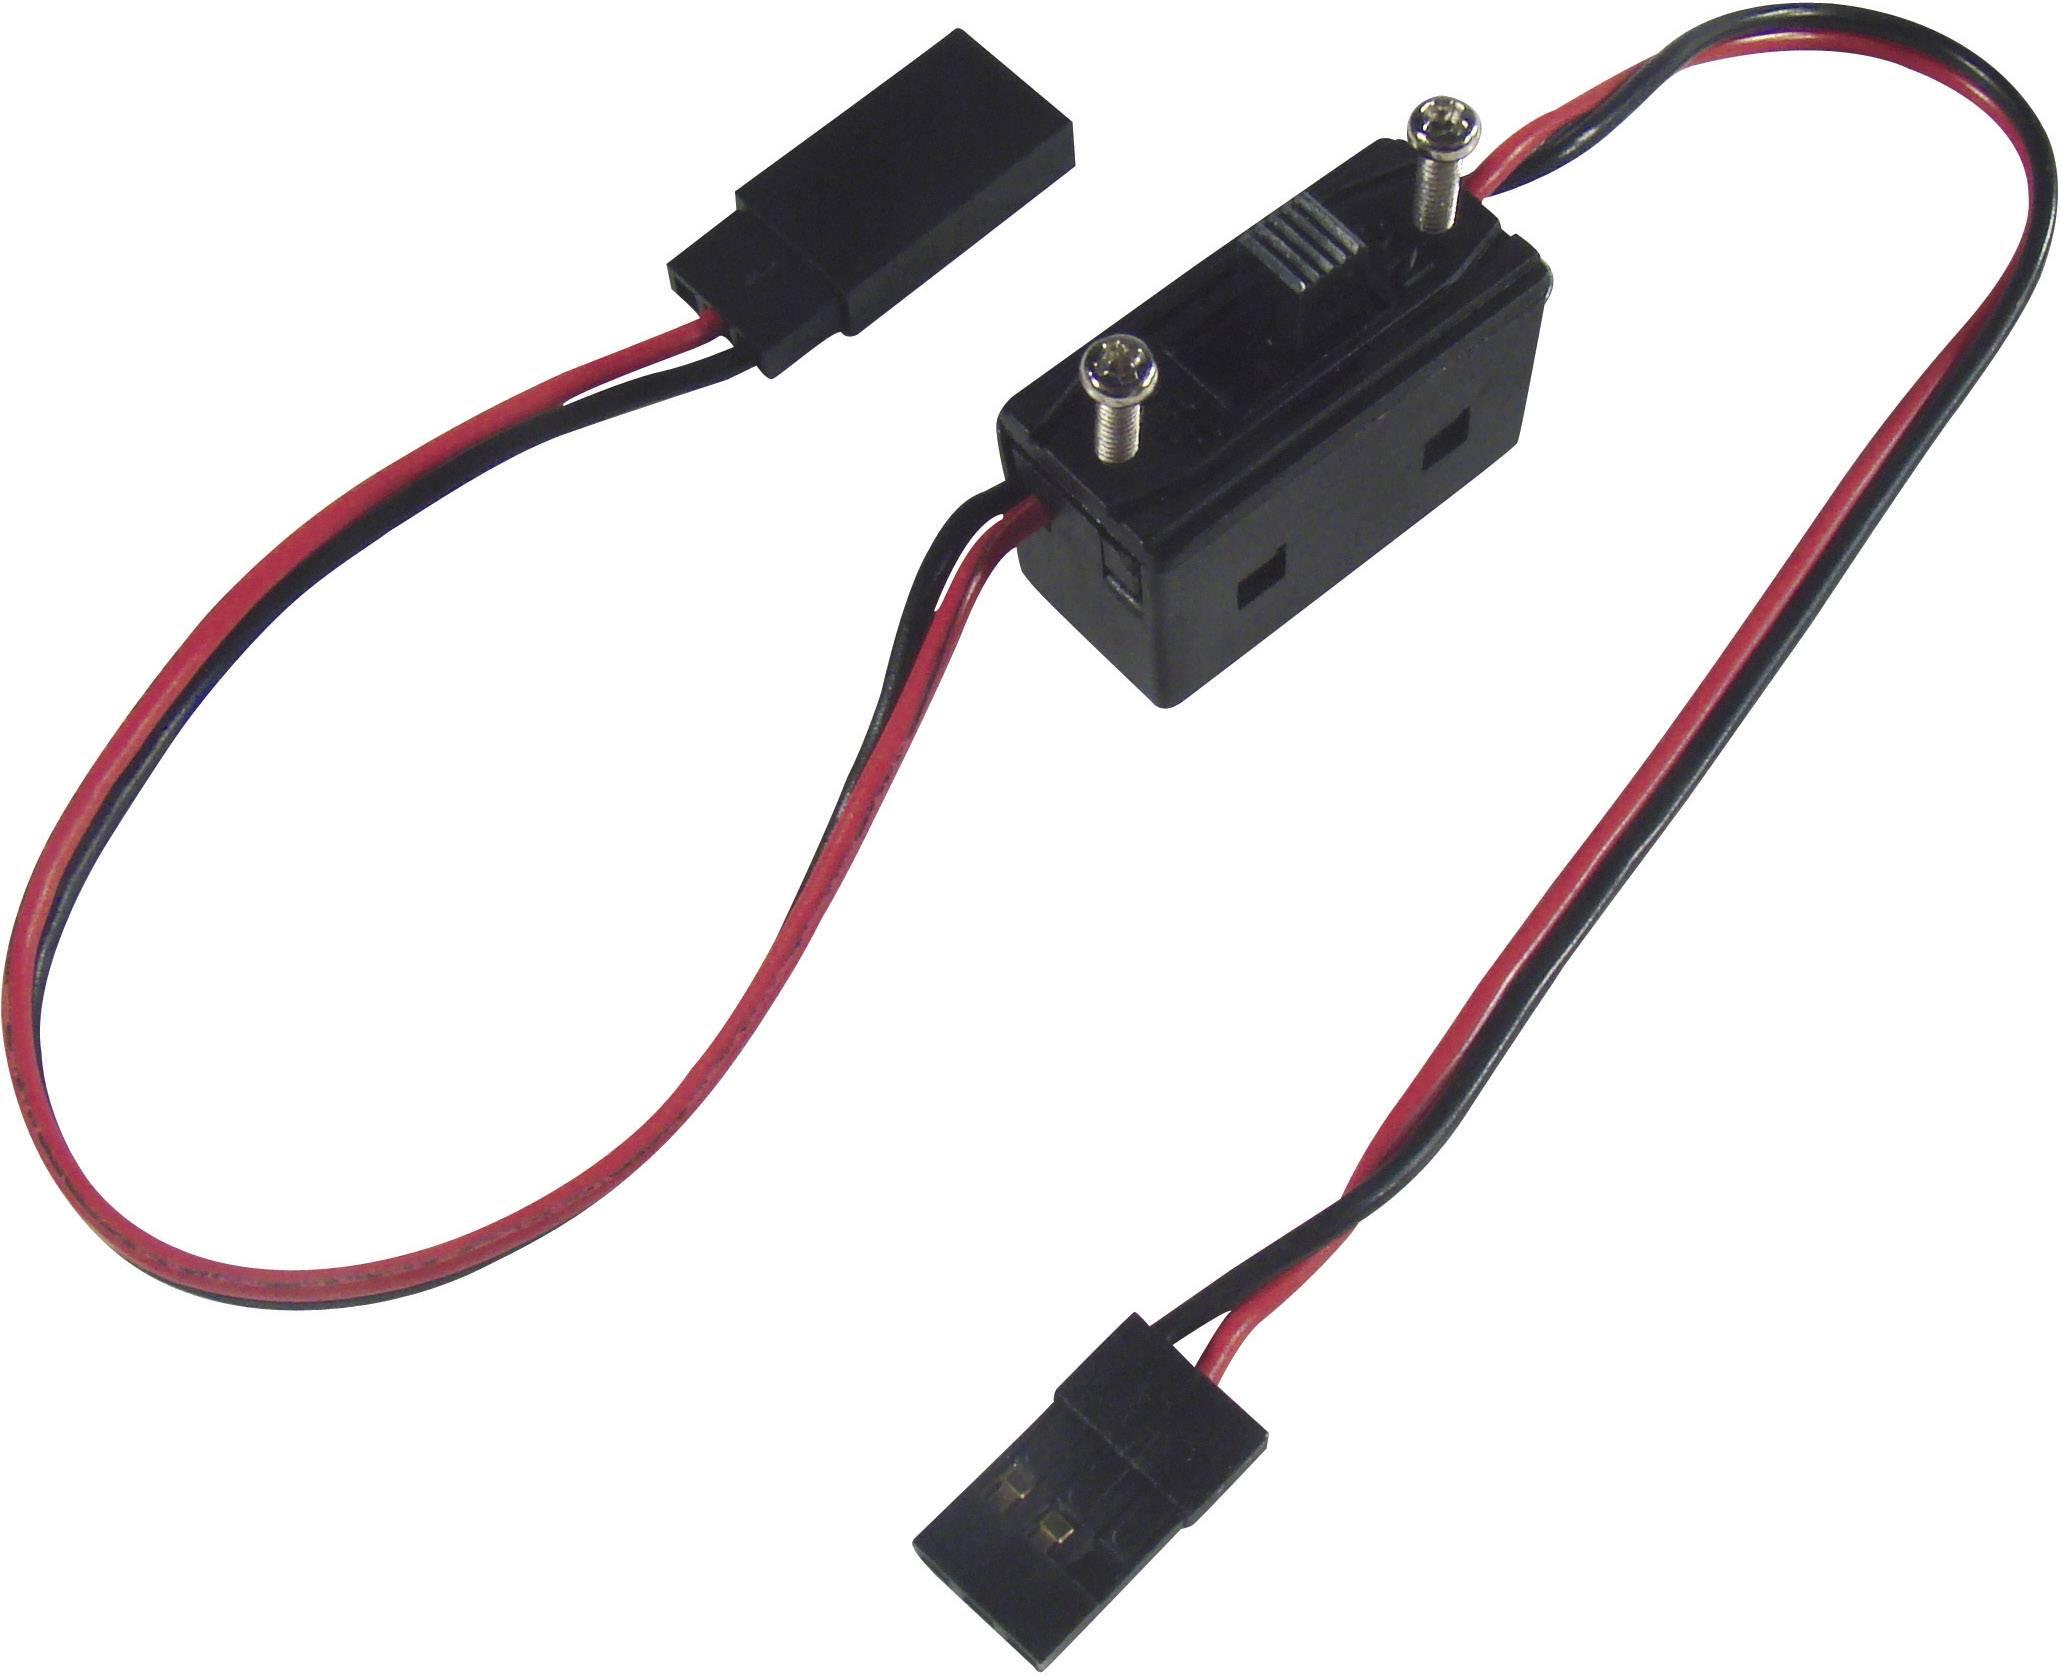 Vypínač s JR konektory Modelcraft, 0,14 mm²